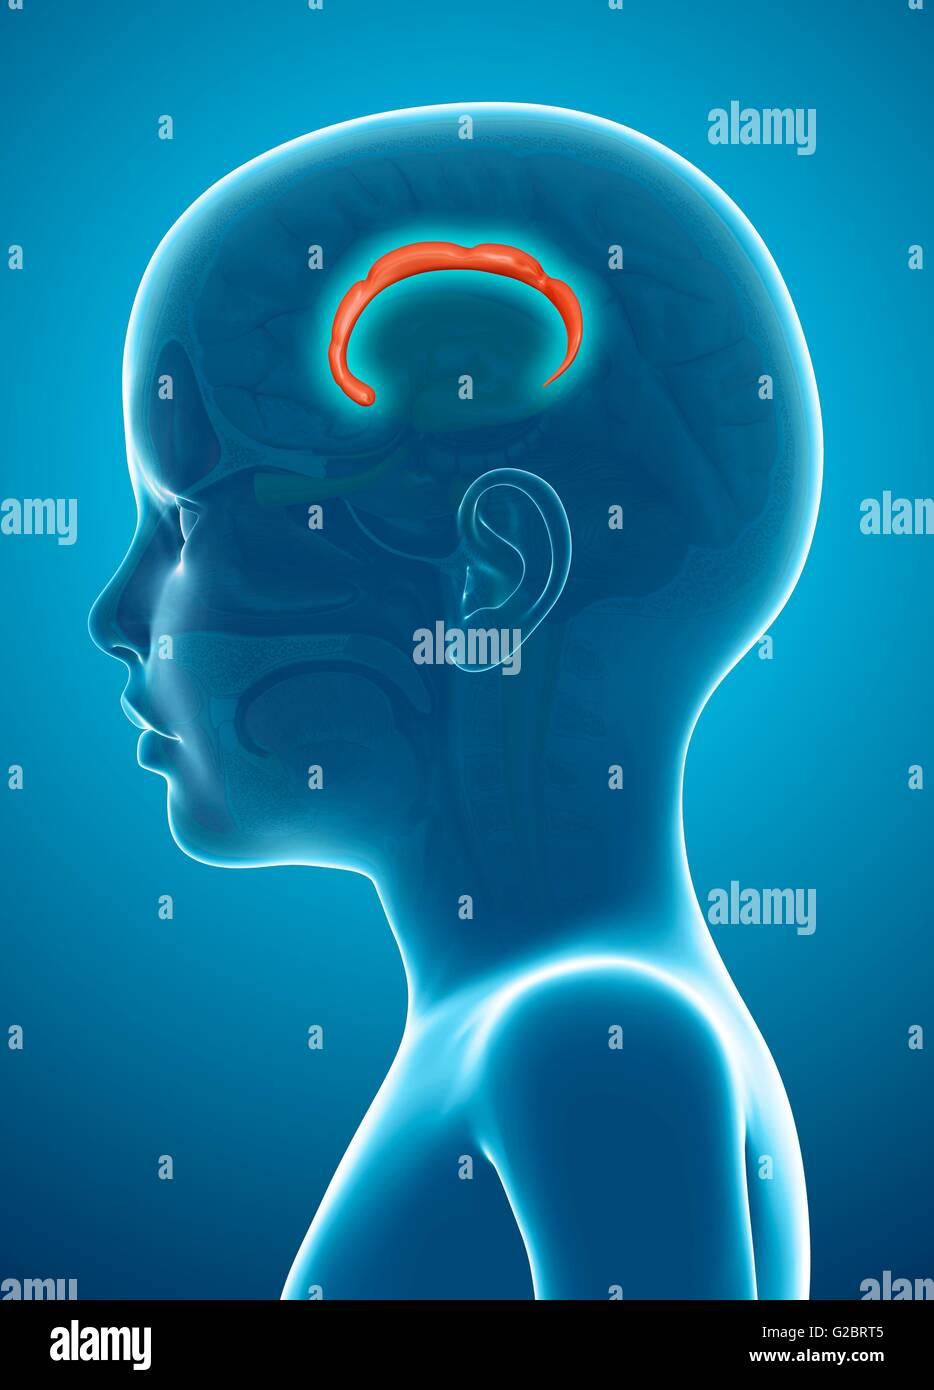 Gyrus cingulaire du cerveau humain, de l'illustration. Photo Stock